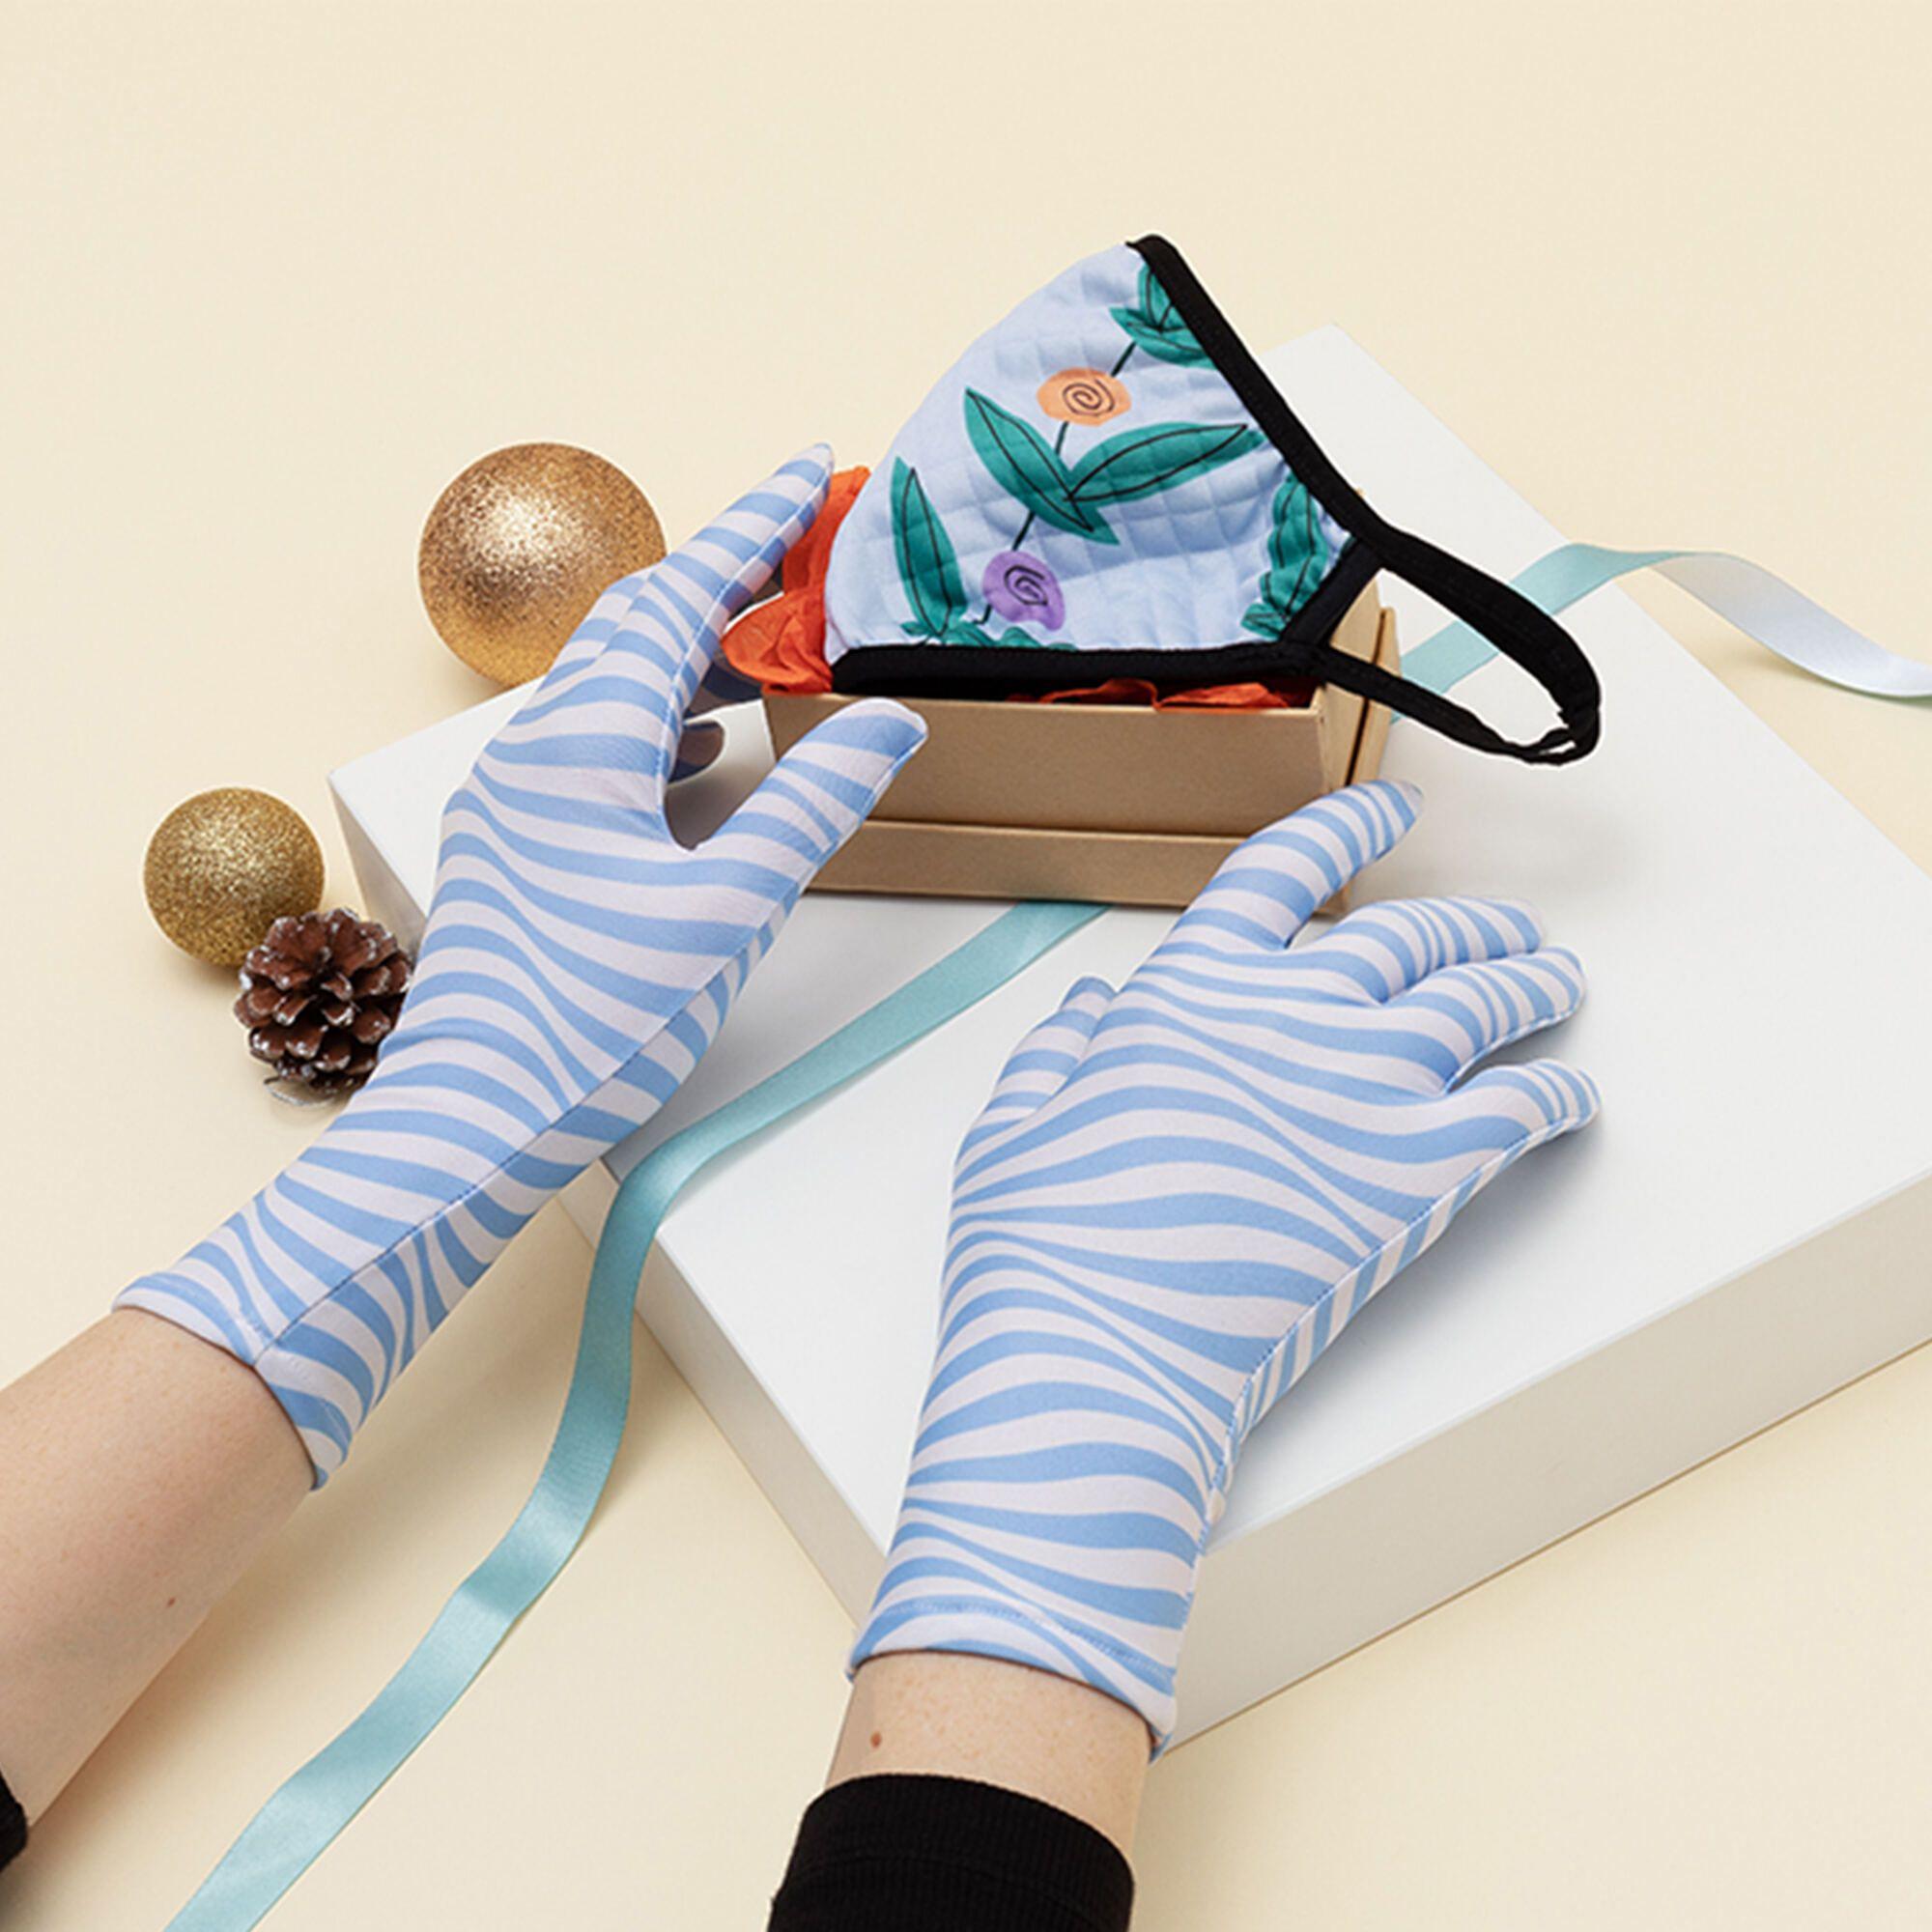 mondkapje ontwerpen voor cadeau